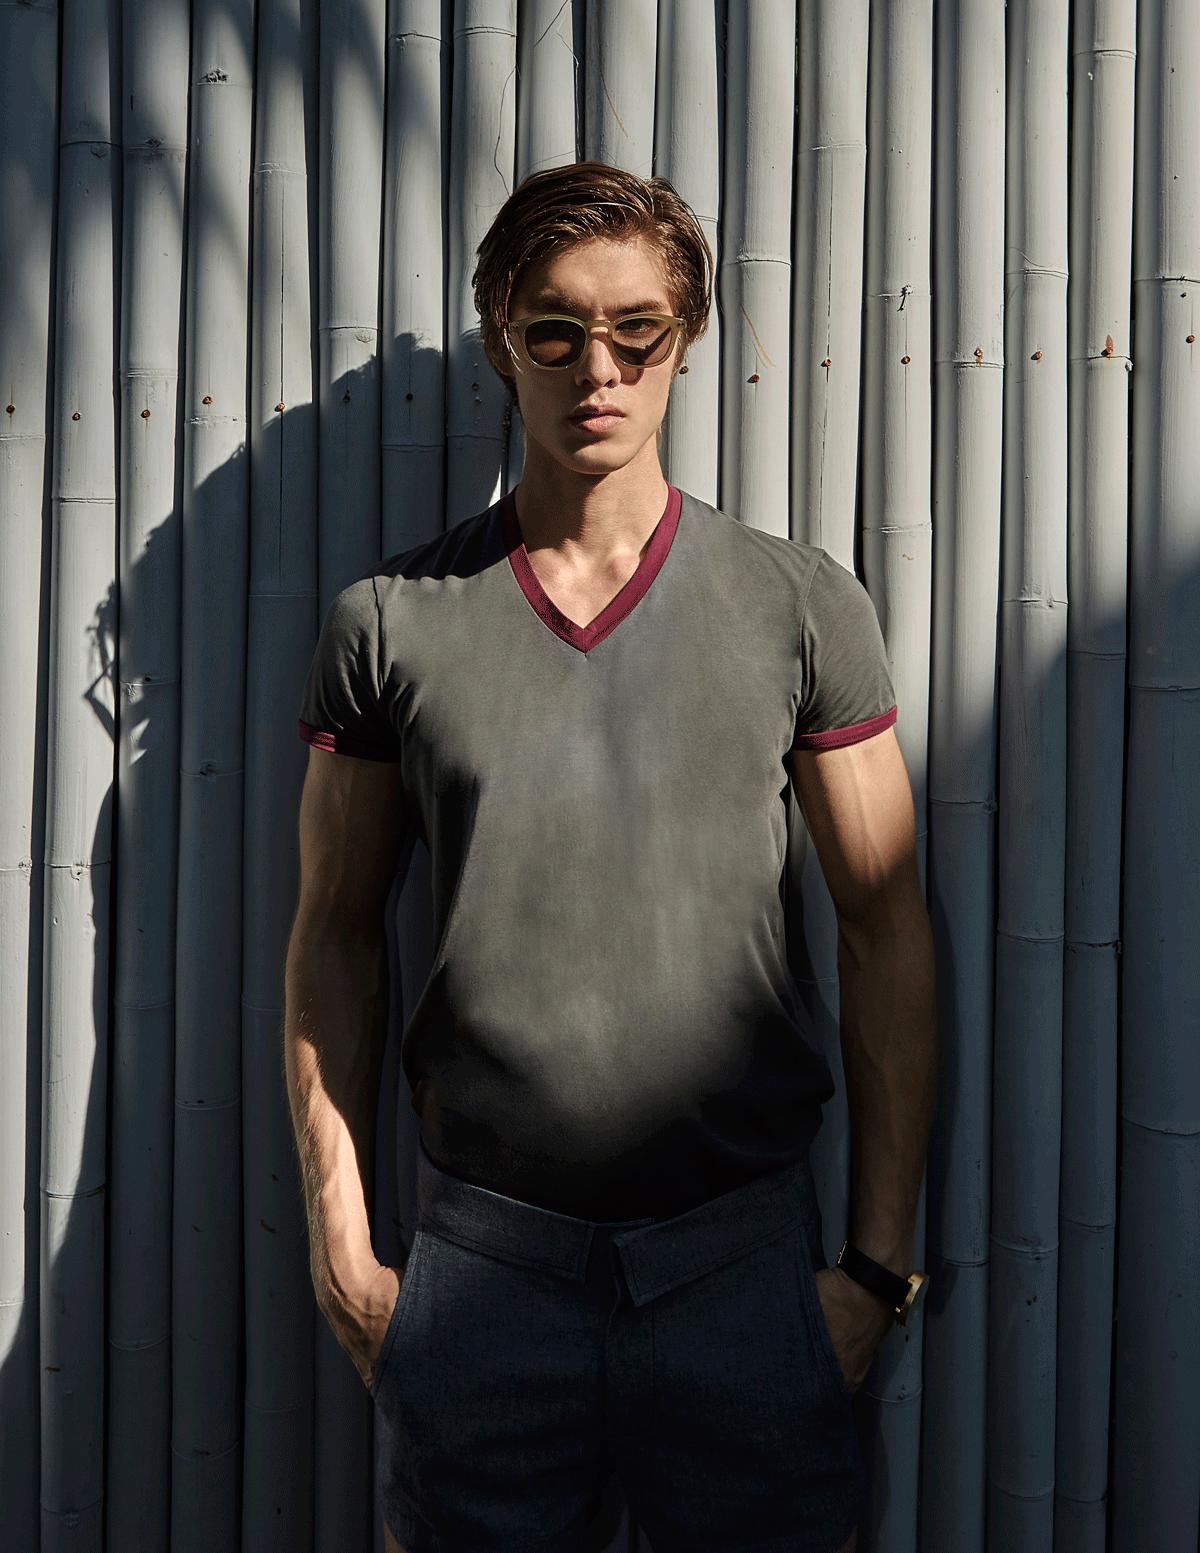 T shirt : NOXX wear / sunglasses : Boston Club